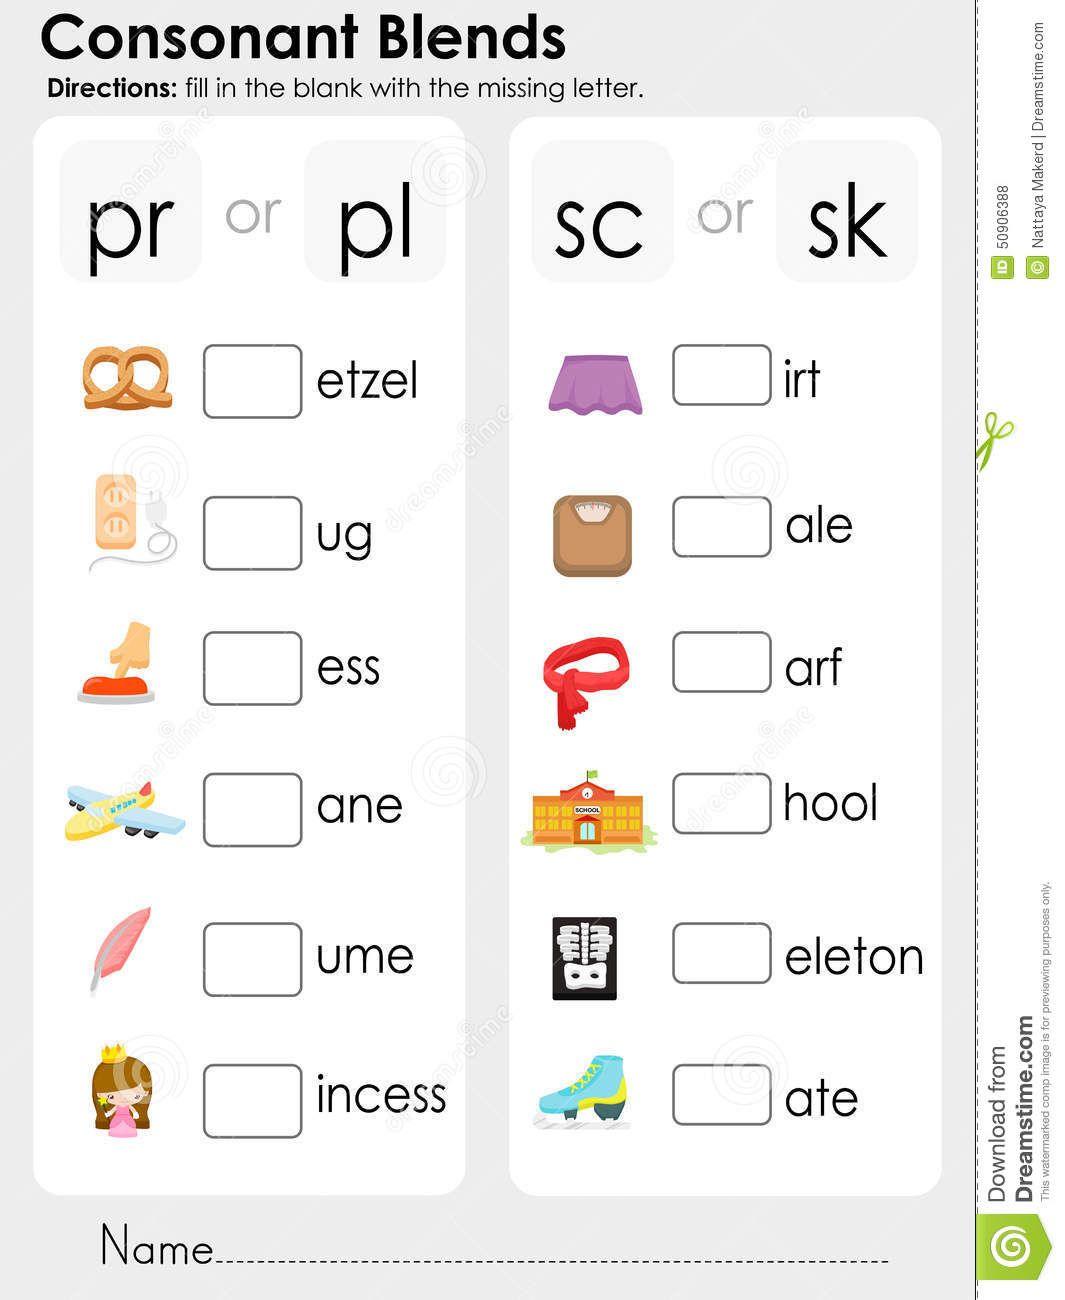 consonant-blends-missing-letter-worksheet-education-fill-blank ...